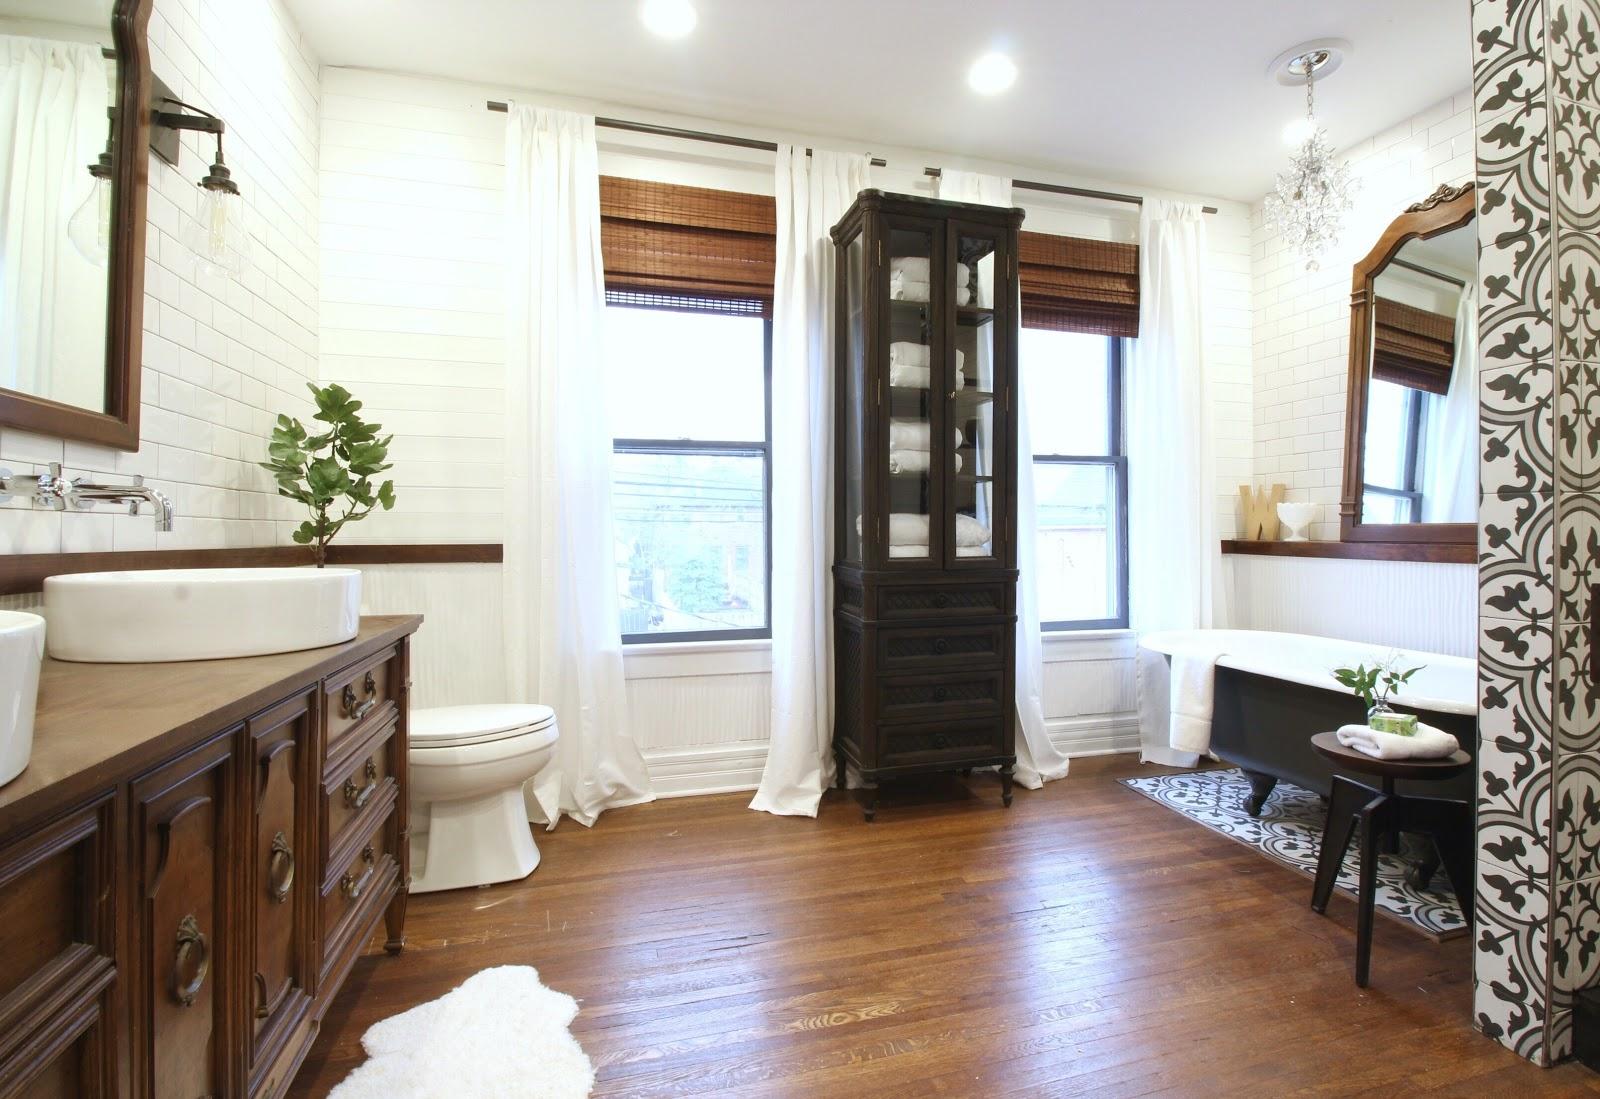 Depósito Santa Mariah: Banheiro Com Jeito De Spa! #674731 1600x1099 Banheiro Com Banheira Metragem